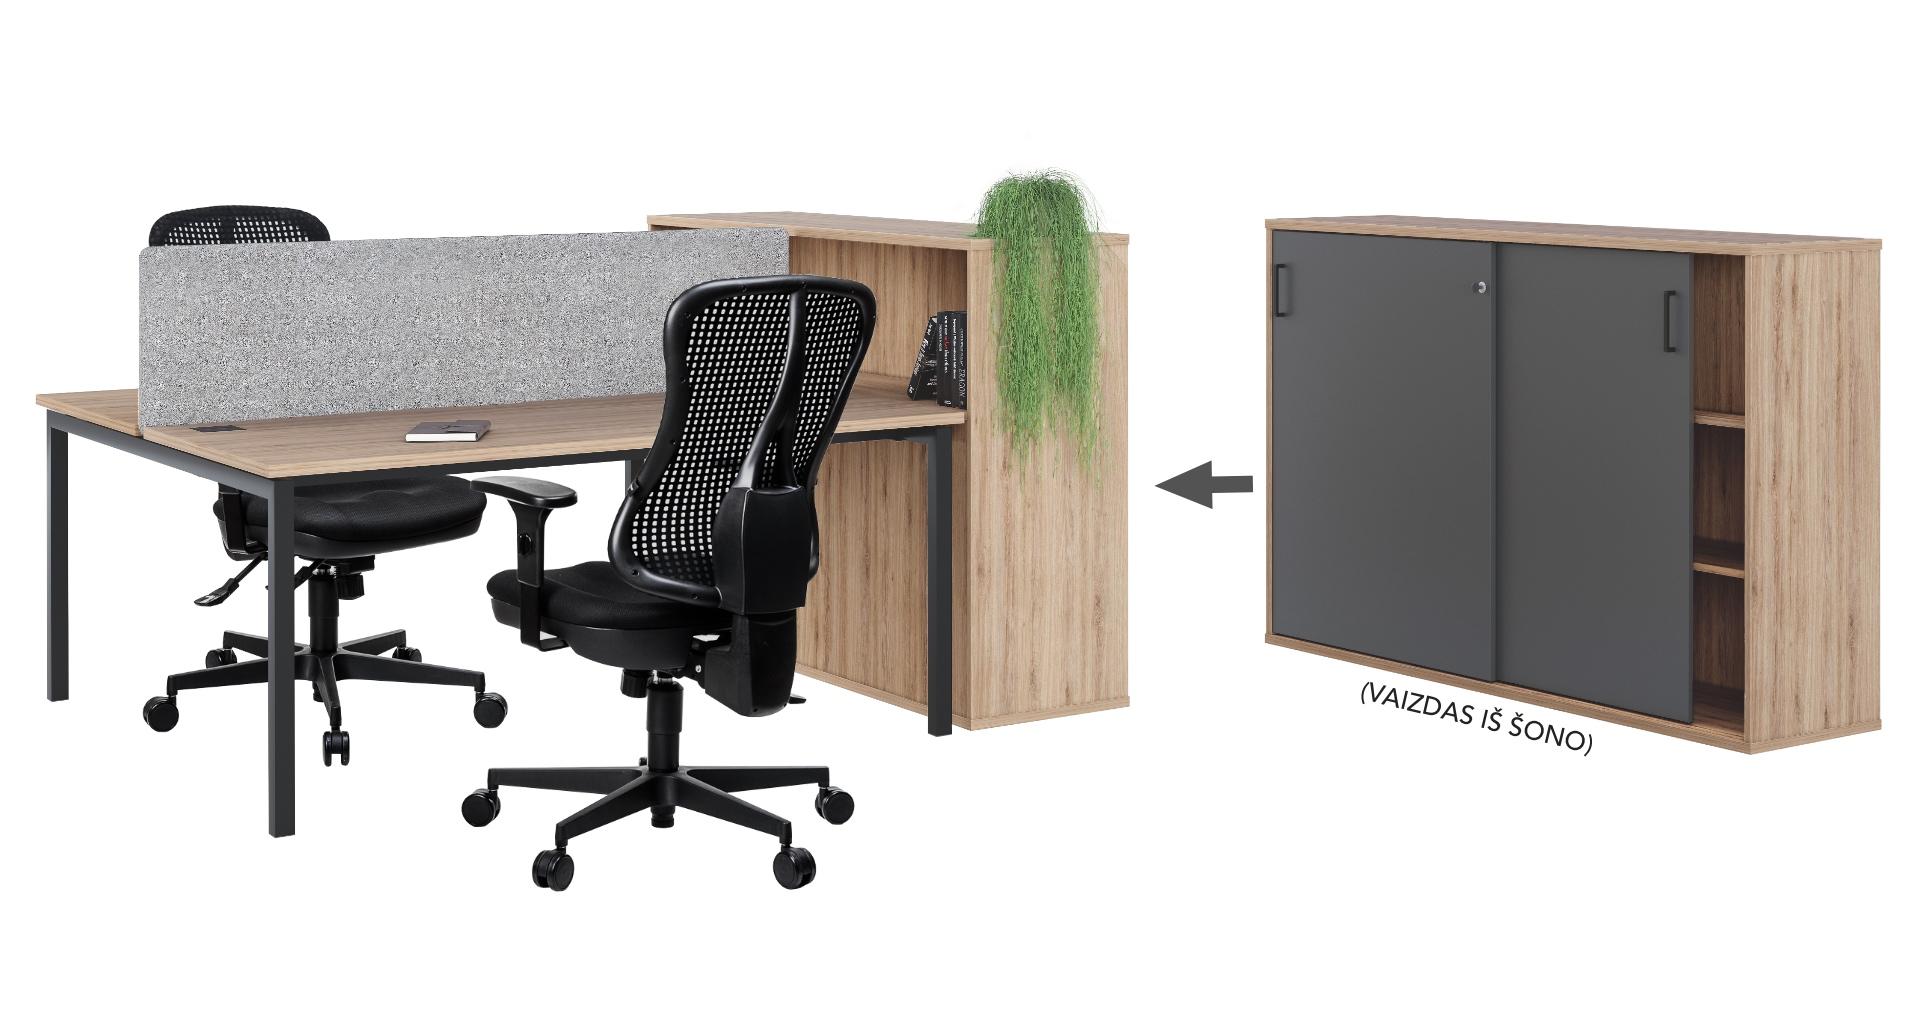 Dviejų darbo vietų baldų komplektas || Dviejų stalų junginys || Biuro kėdės || Dokumentų spinta || Kėdžių centras || Akustinė pertvara